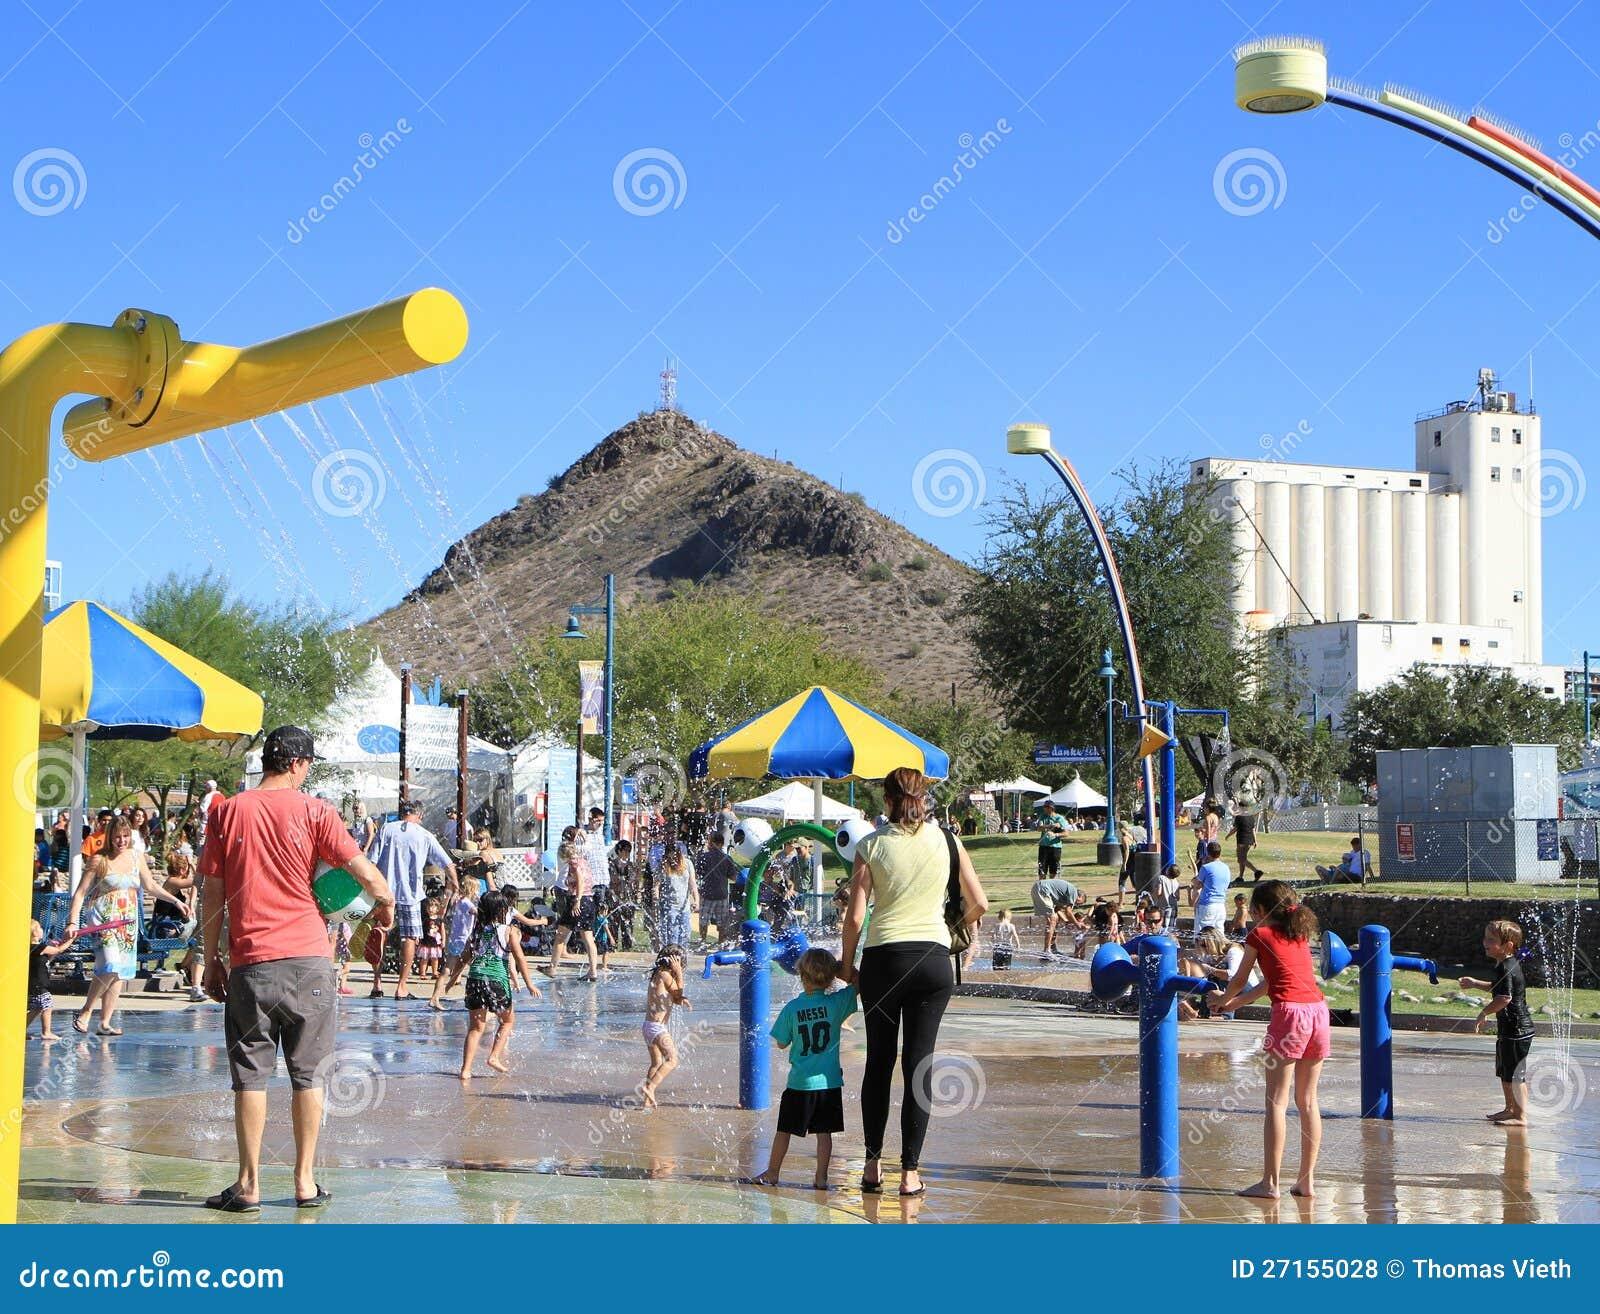 De pret van het water bij een speelplaats van kinderen